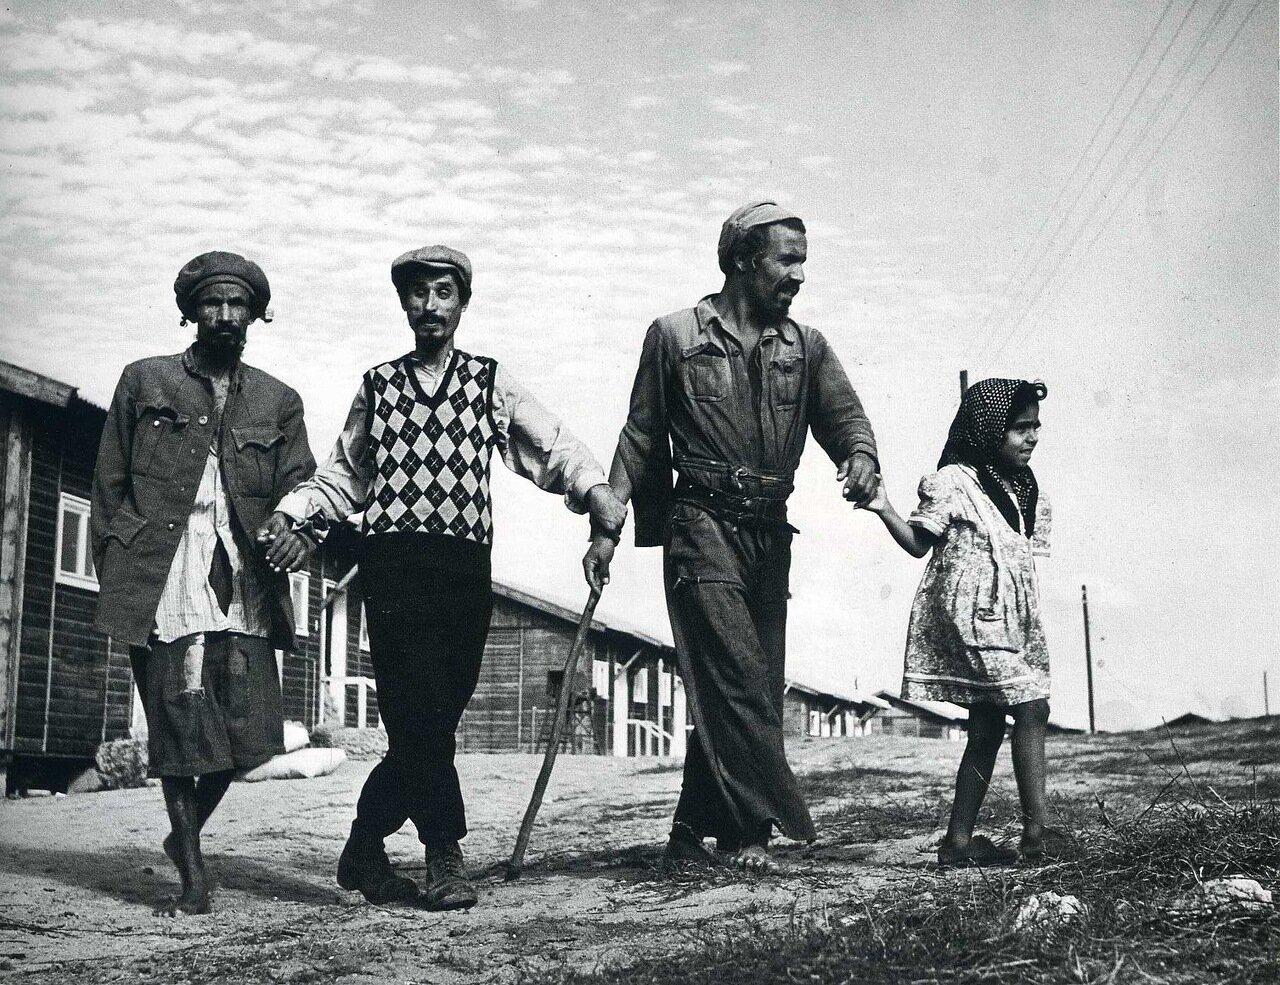 1950. Галилея, недалеко от Гедеры. Деревня слепых иммигрантов, страдающих трахомой. Трое мужчин идут в столовую